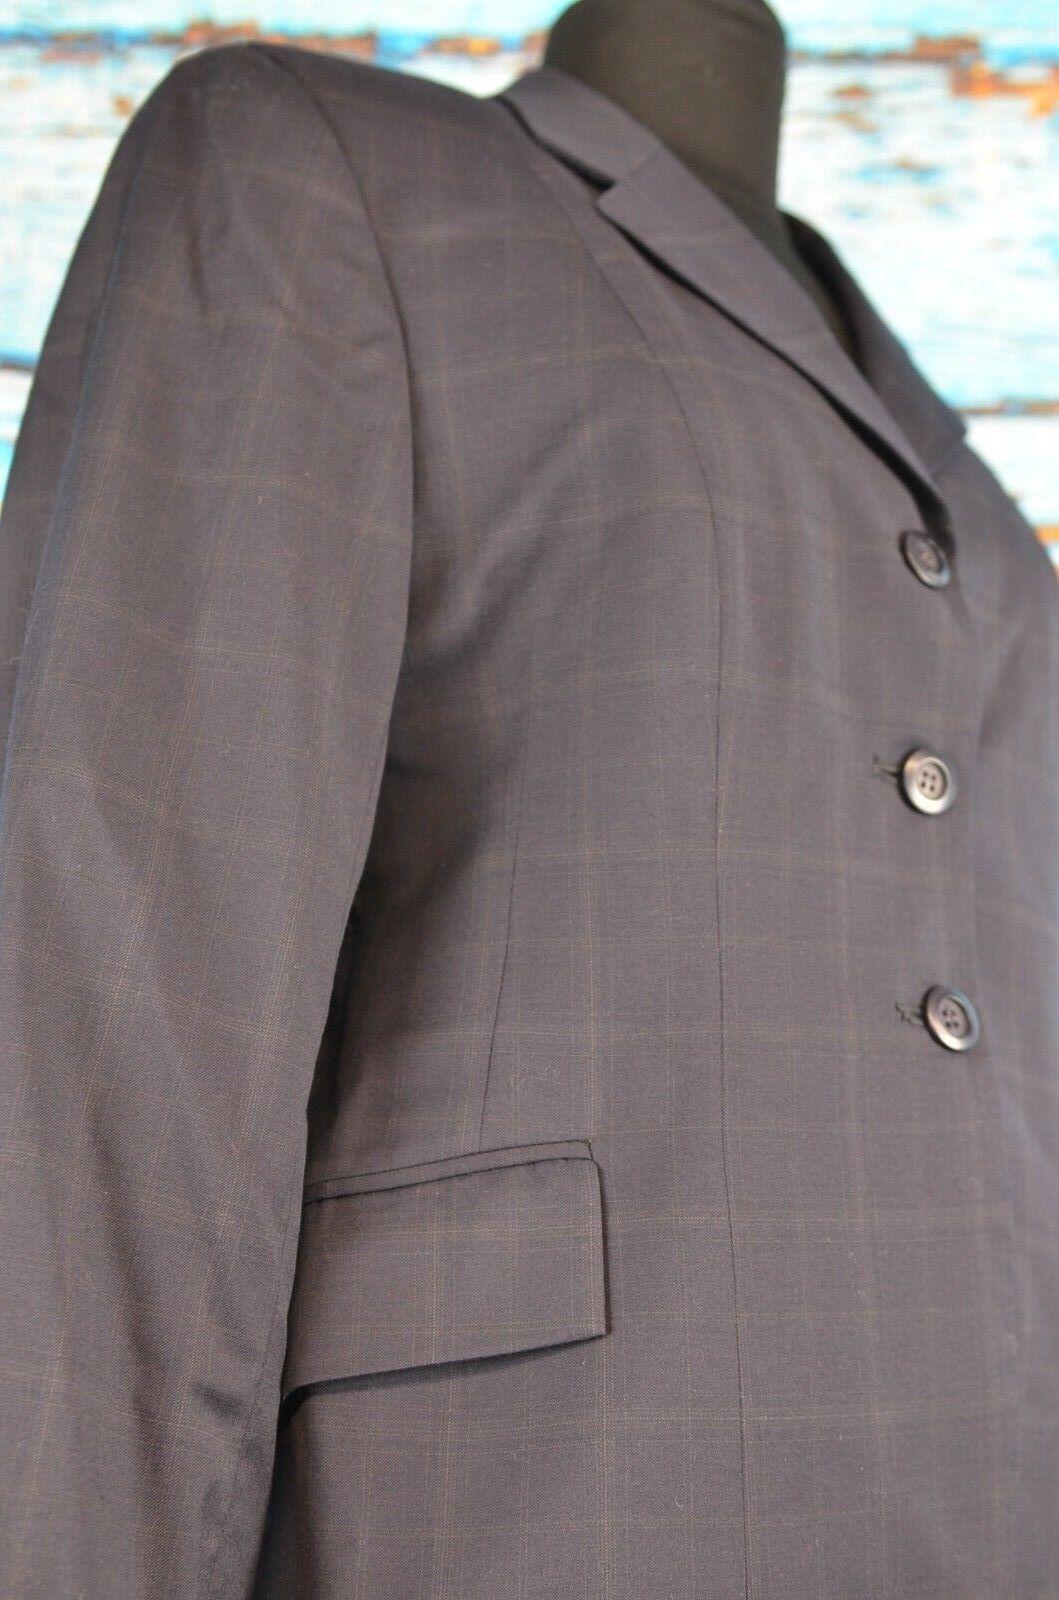 Grand Prix para mujer Show Ecuestre Equitación Chaqueta  Tamaño 9 Blazer Chaqueta de lana abrigo  muy popular